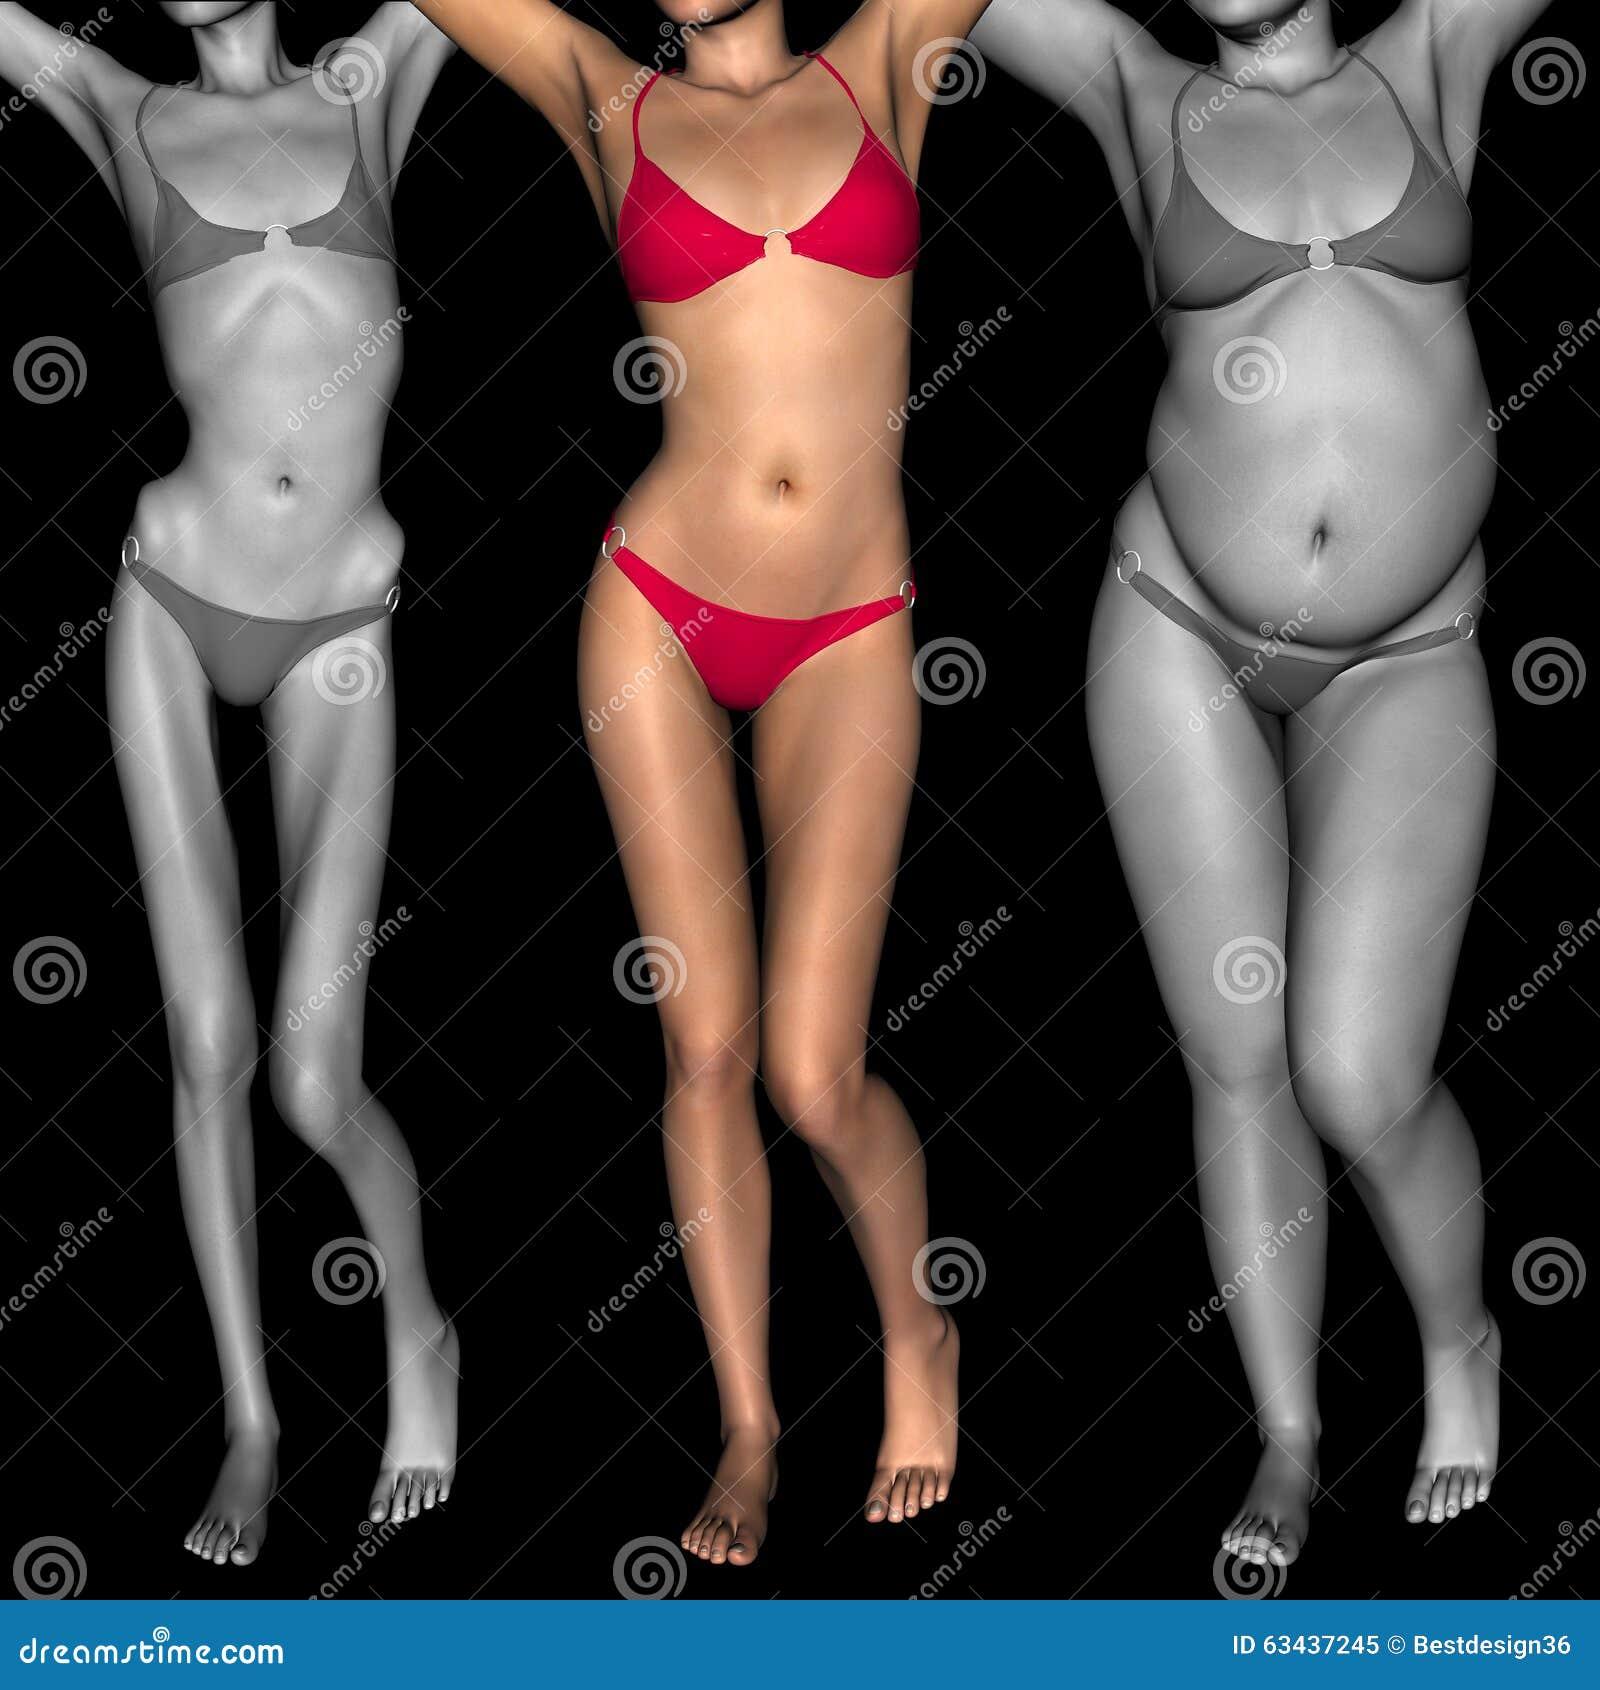 Skinny girl 3d sex comics